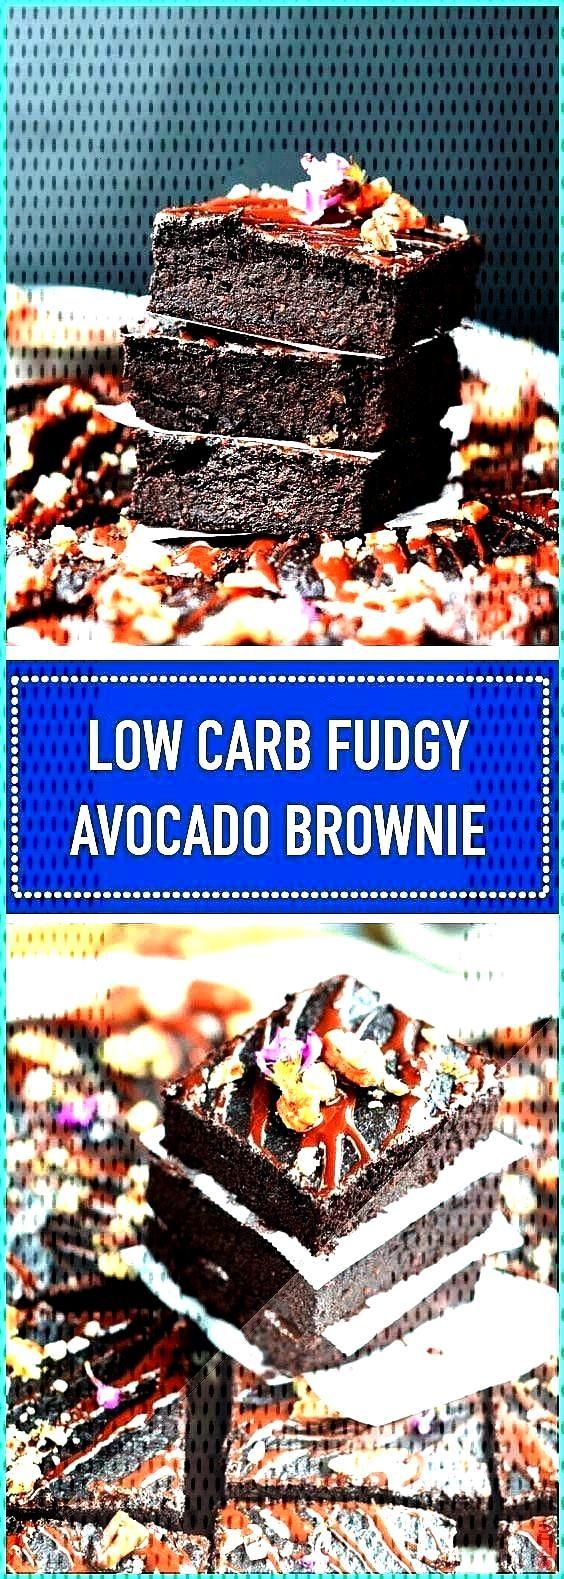 Carb Fudgy Avocado Brownies made of avocado are low carb Fudgy Avocado brownies with only 3 5 gLow